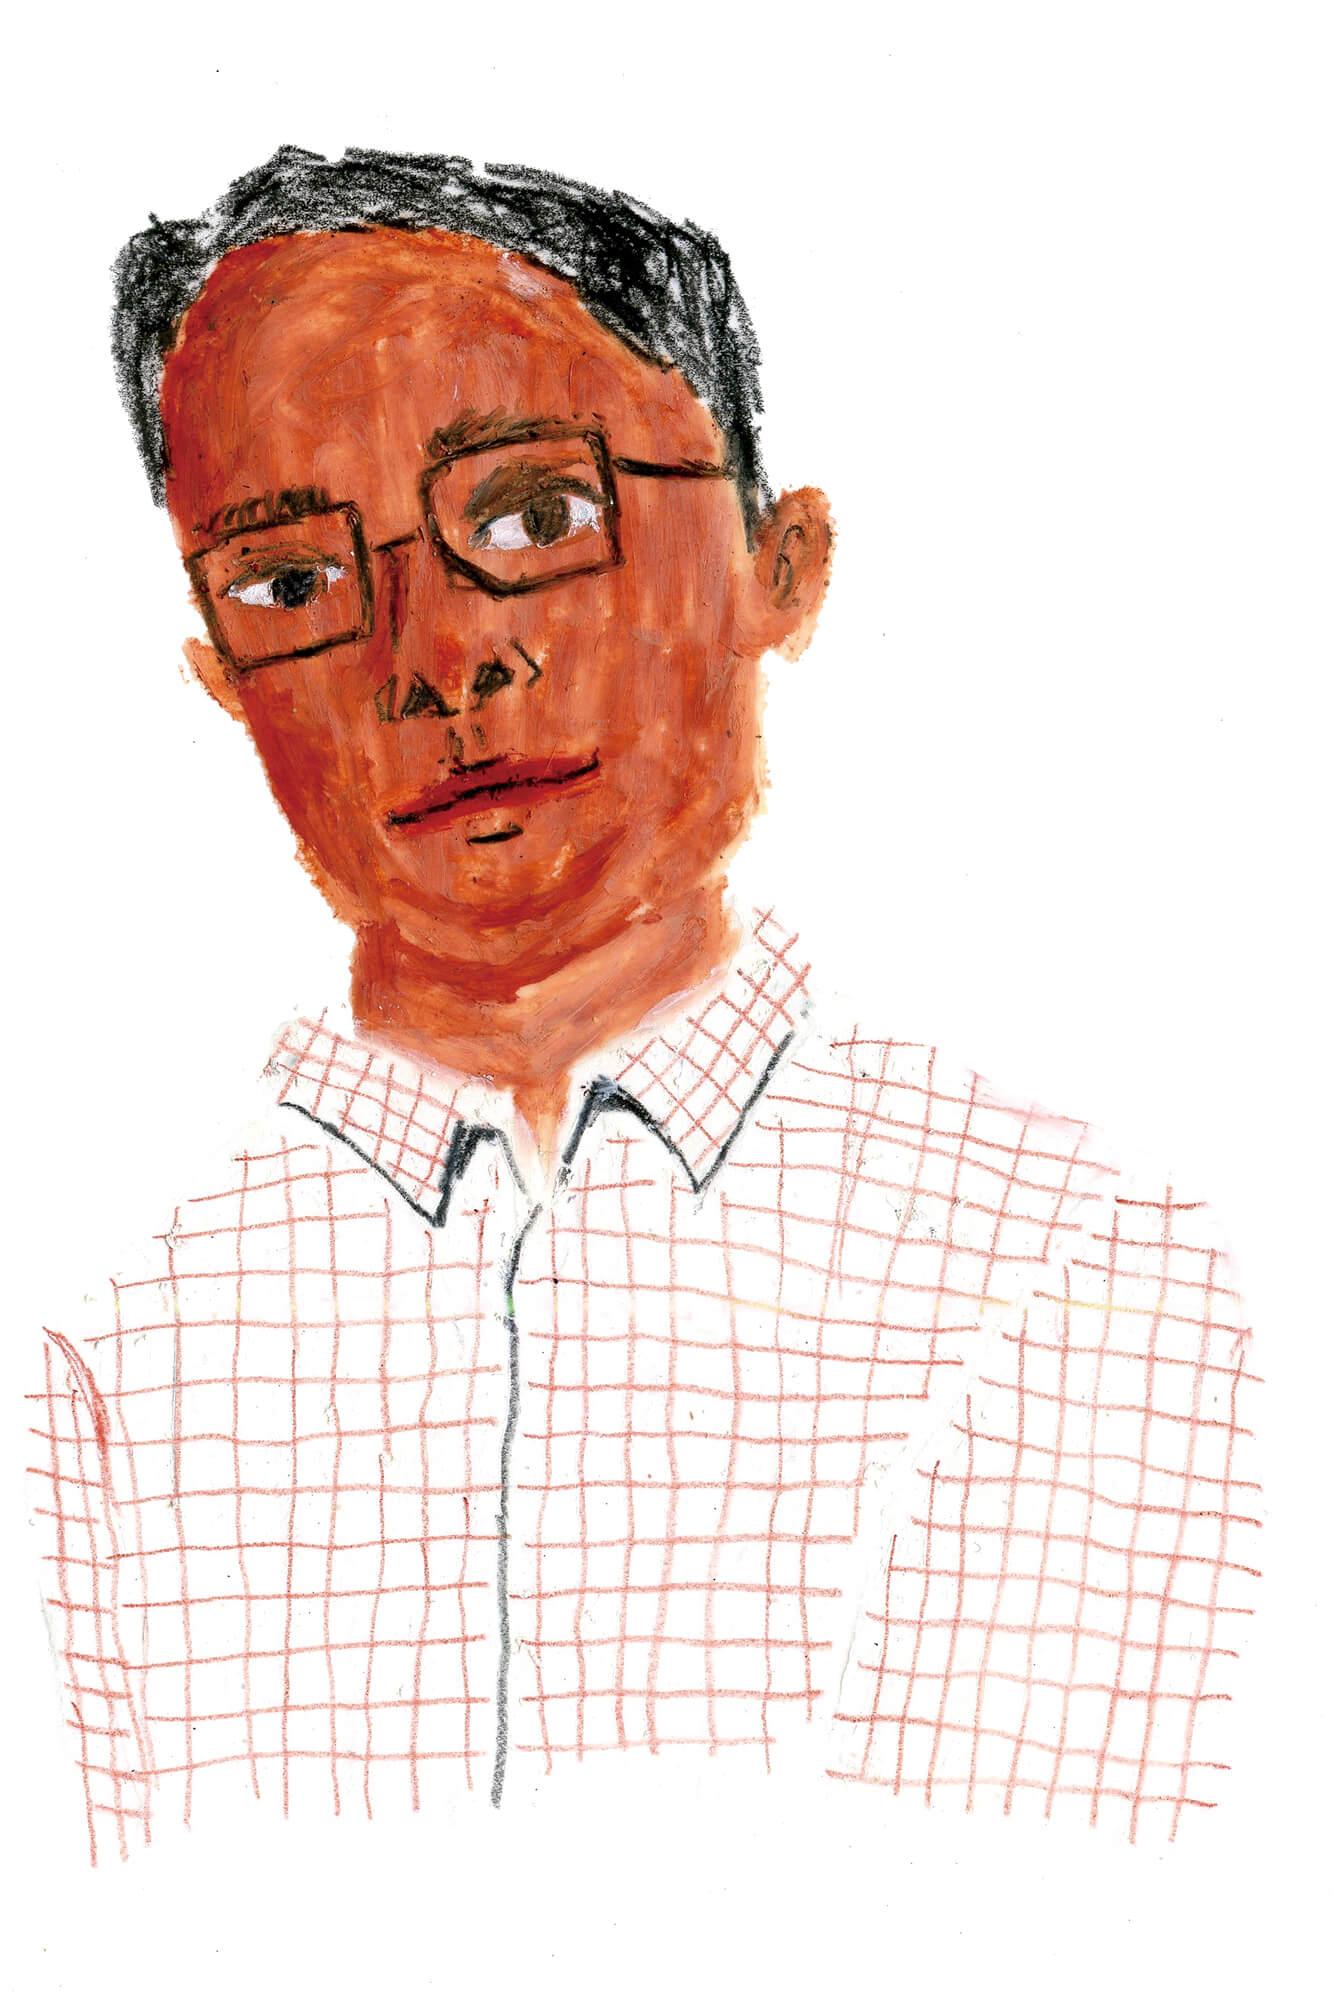 「ねこのきもち」イラストカット ベネッセ2018年「メガネをかけた男性」